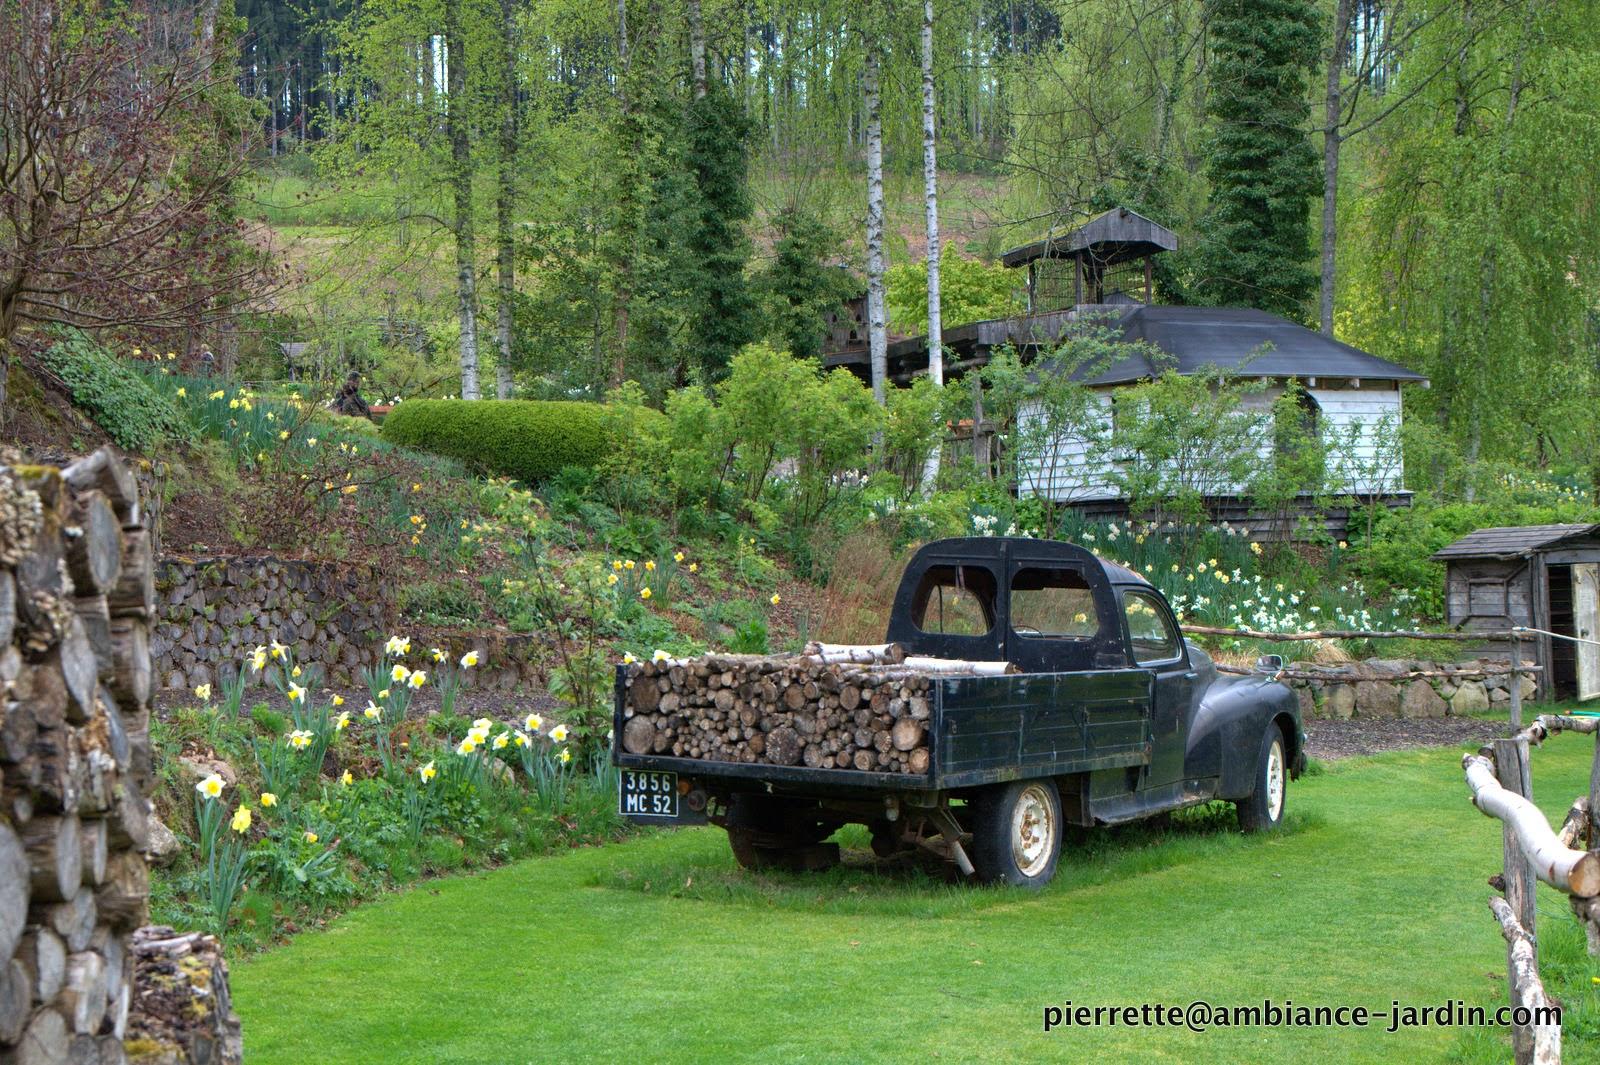 ambiance jardin berchigranges. Black Bedroom Furniture Sets. Home Design Ideas